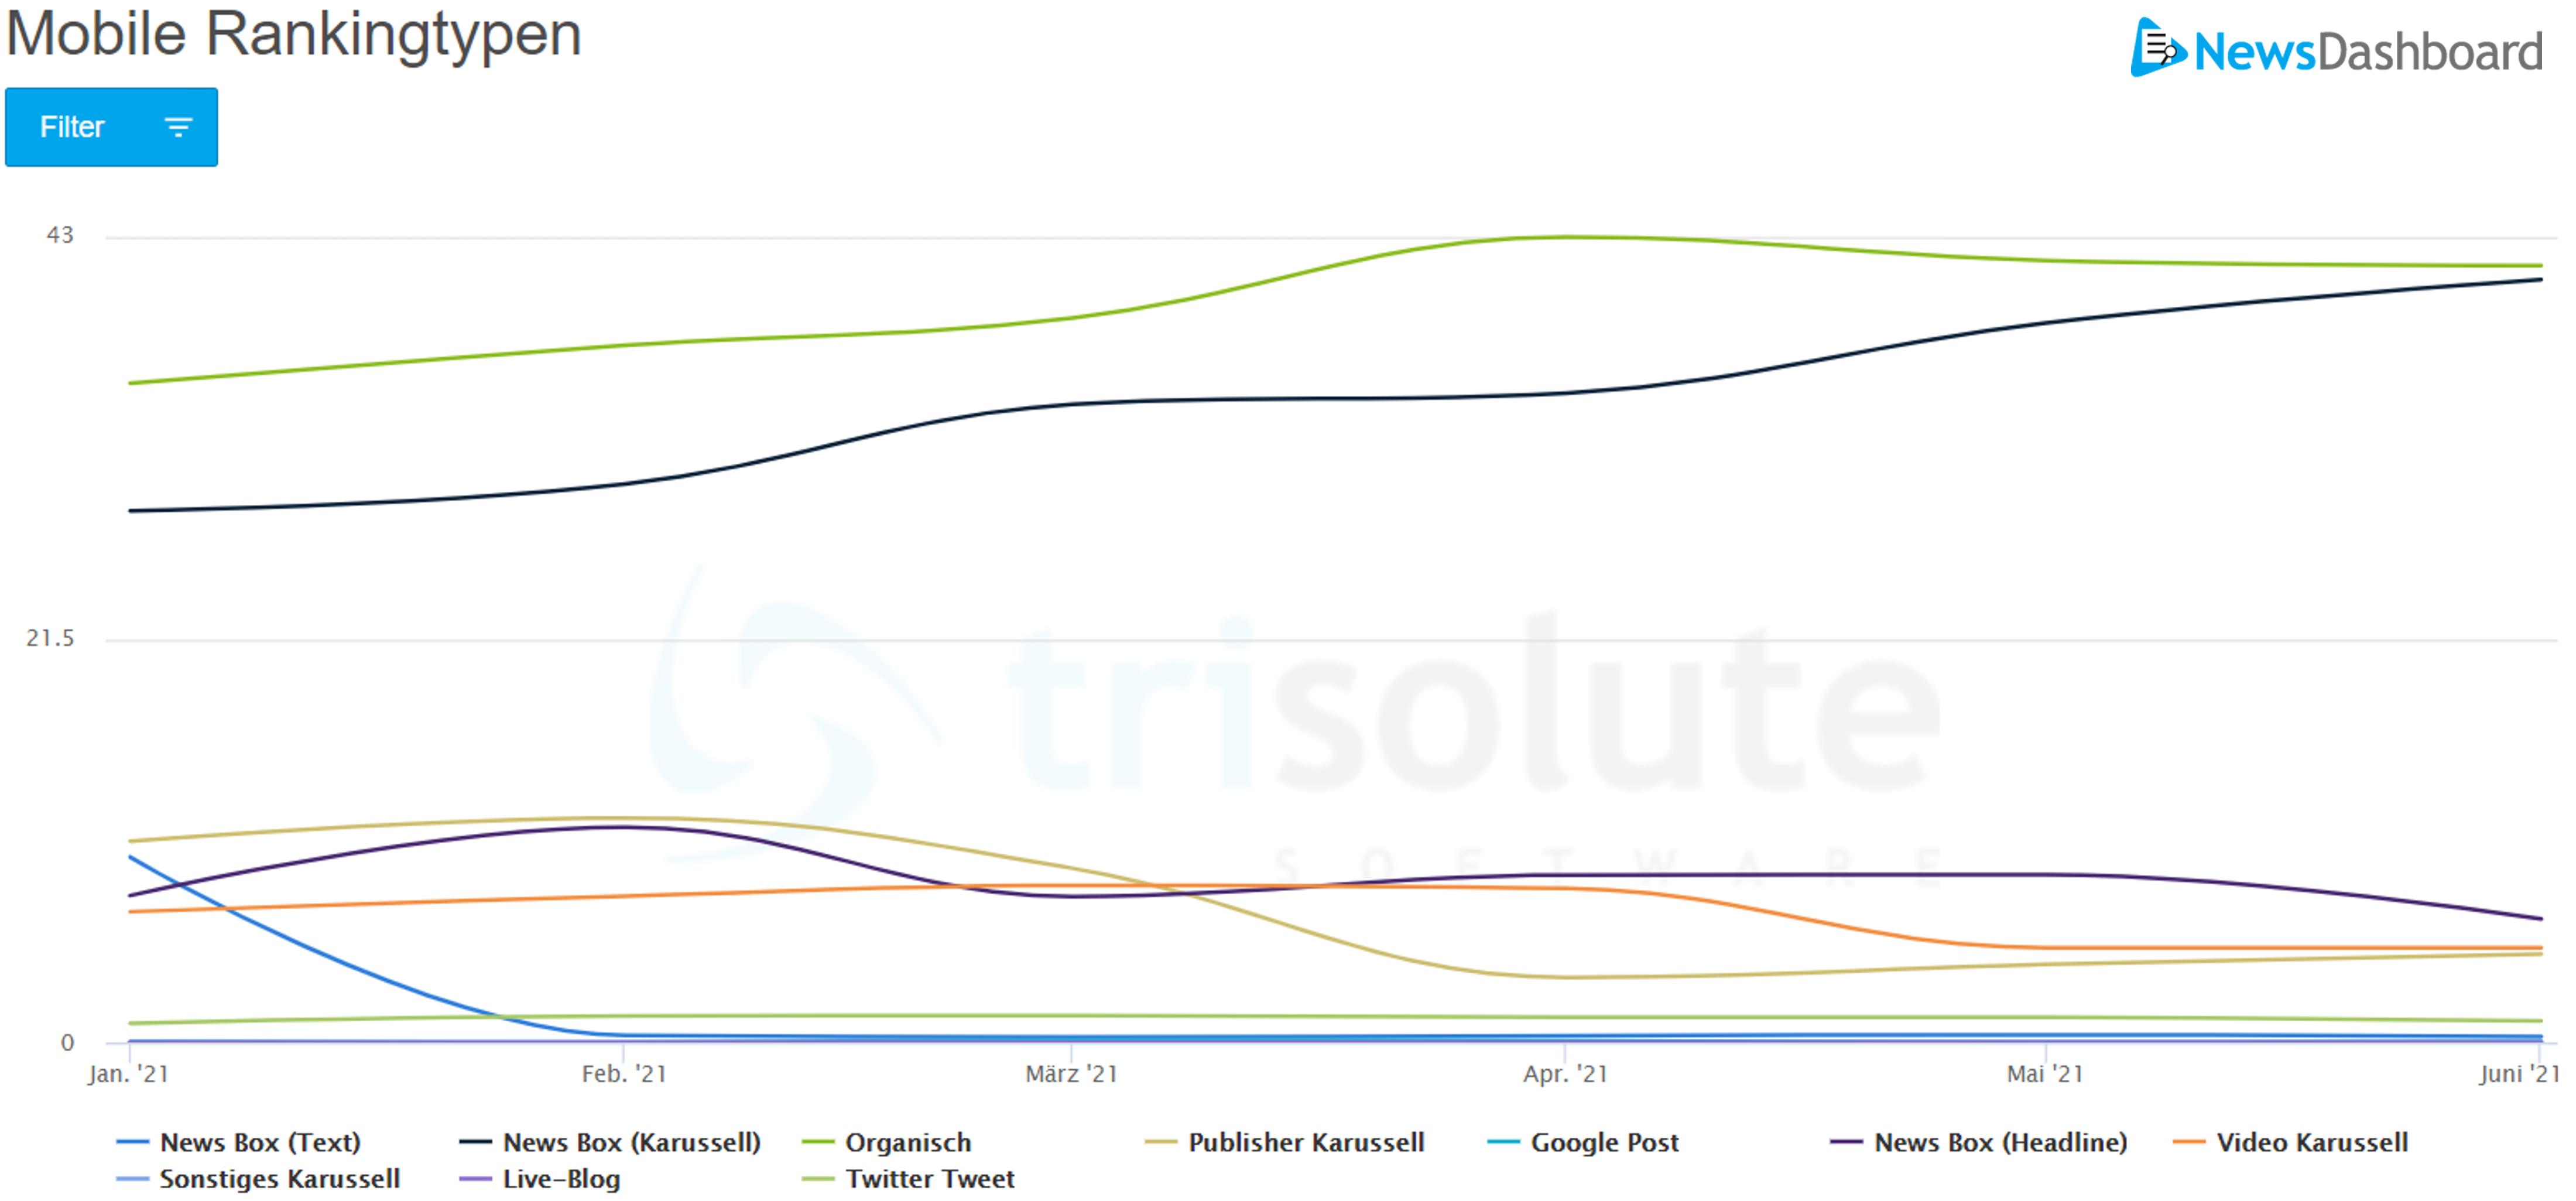 Der sichtbarste mobile Rankingtyp zu Wirtschaft ist das organische Ranking.